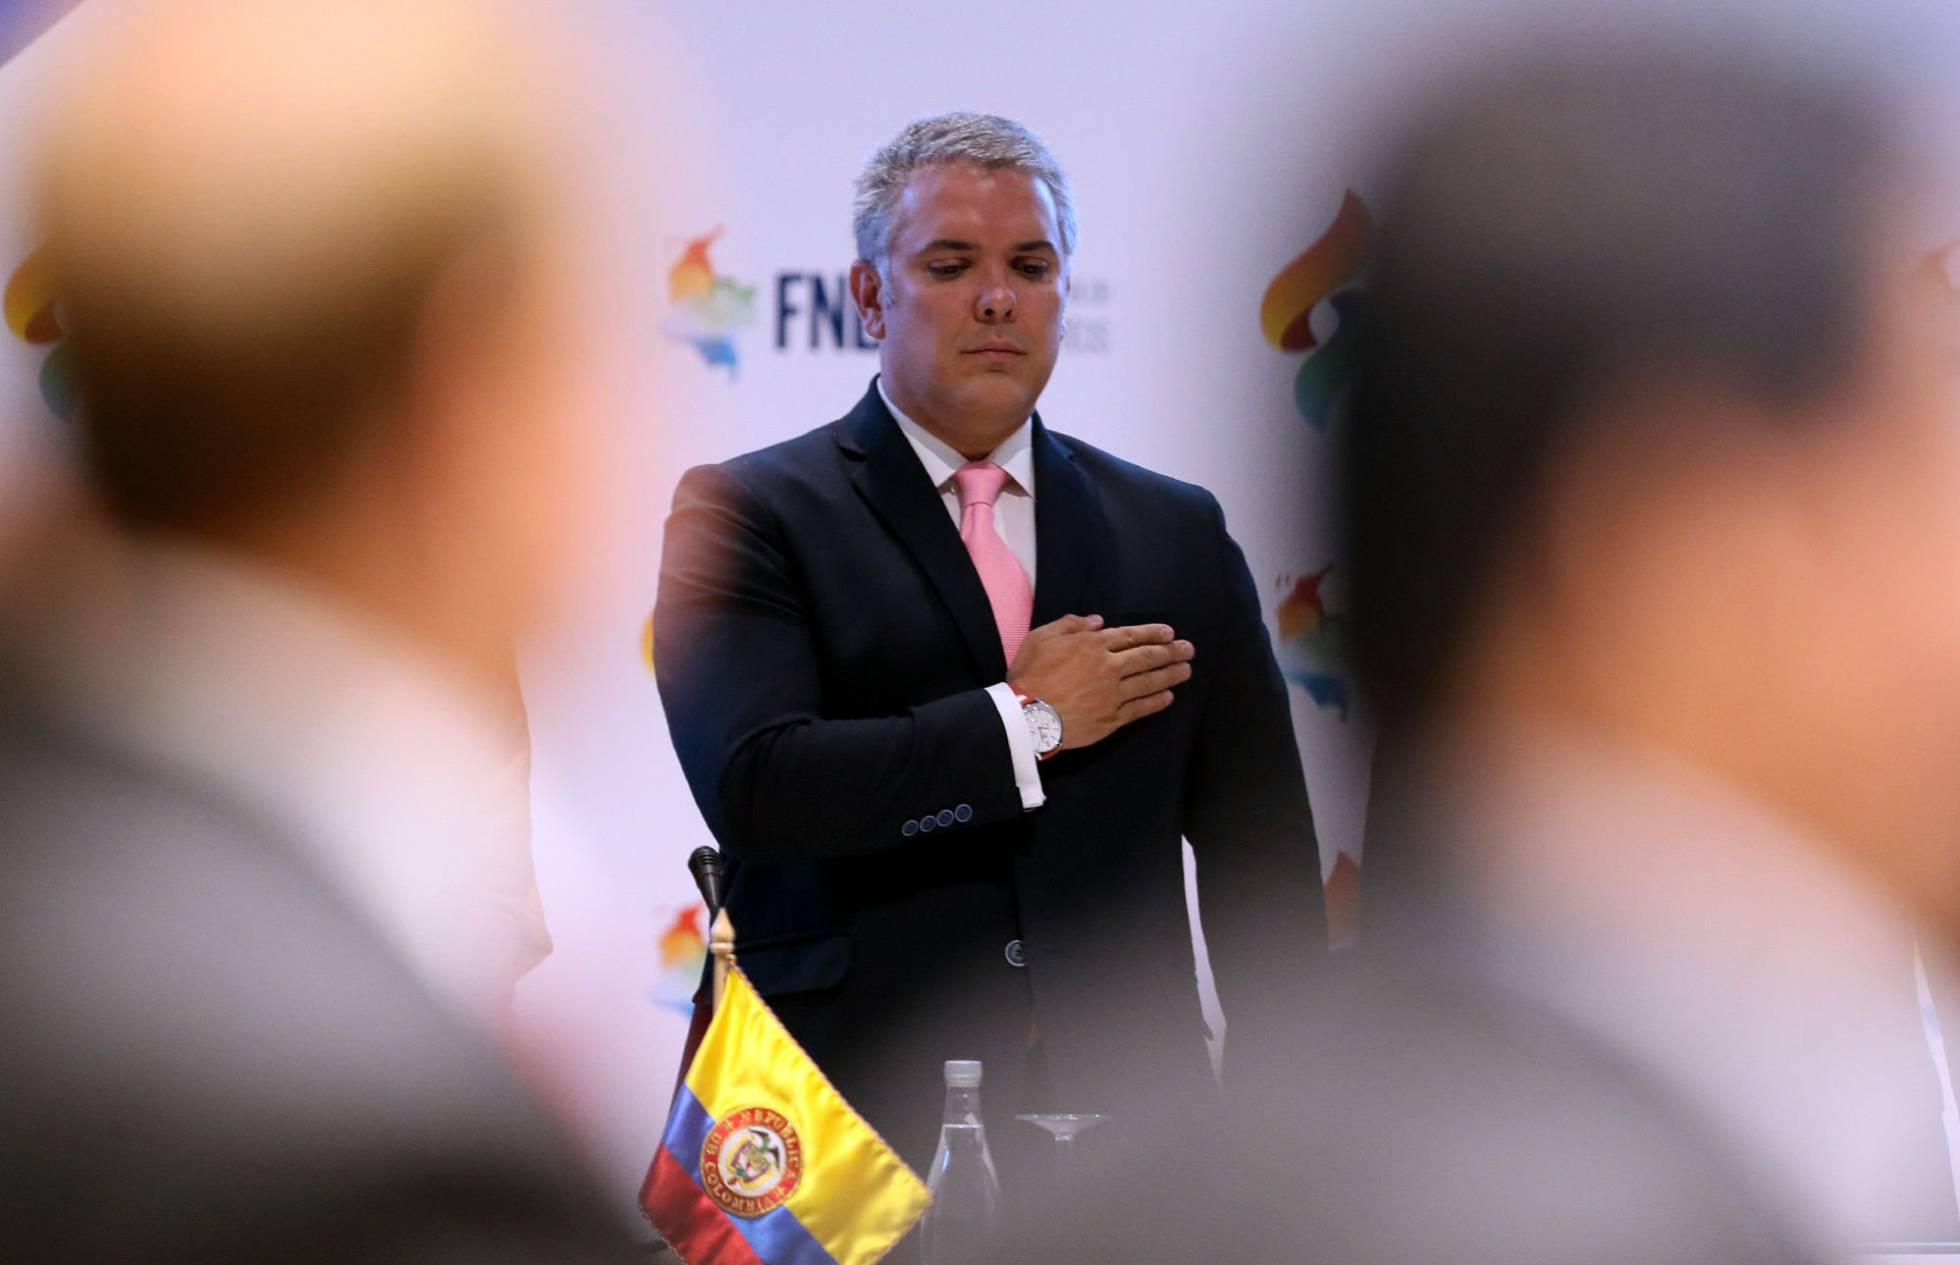 Los retos que enfrenta Duque, el nuevo presidente de Colombia